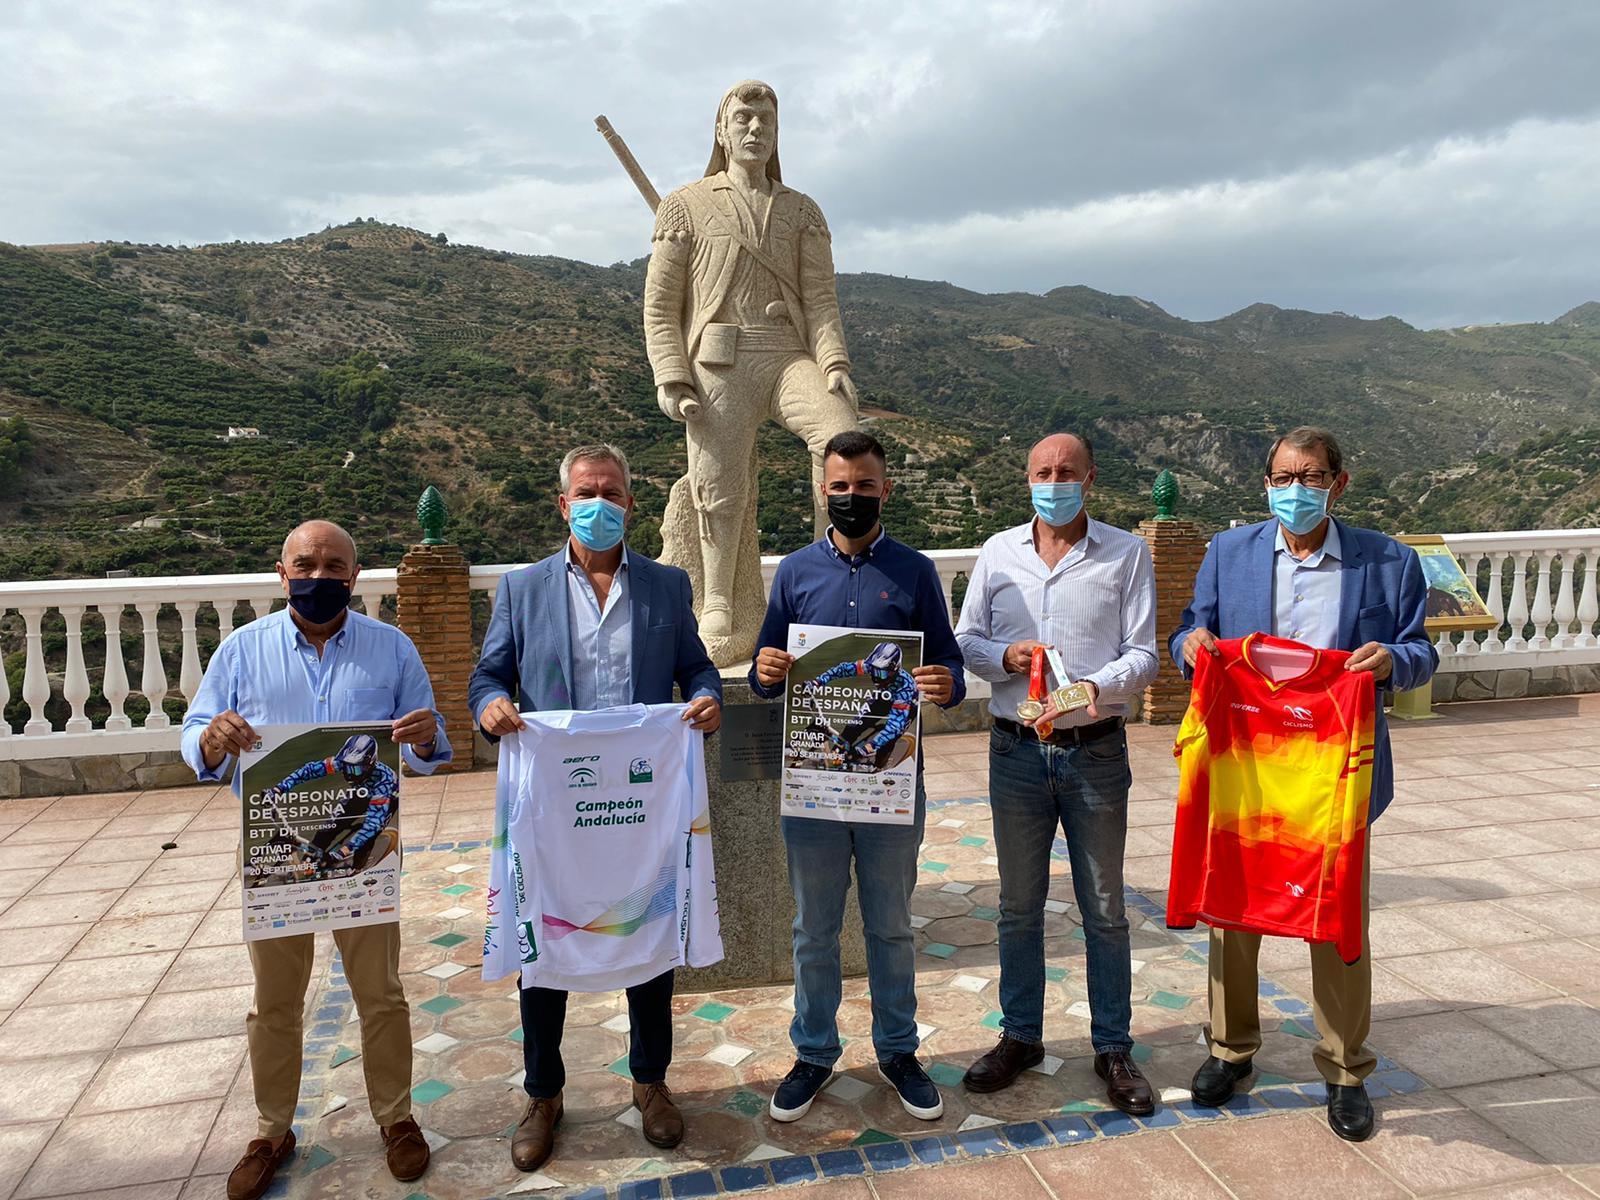 Presentación del Campeonato de España y de Andalucía de BTT Descenso 2020